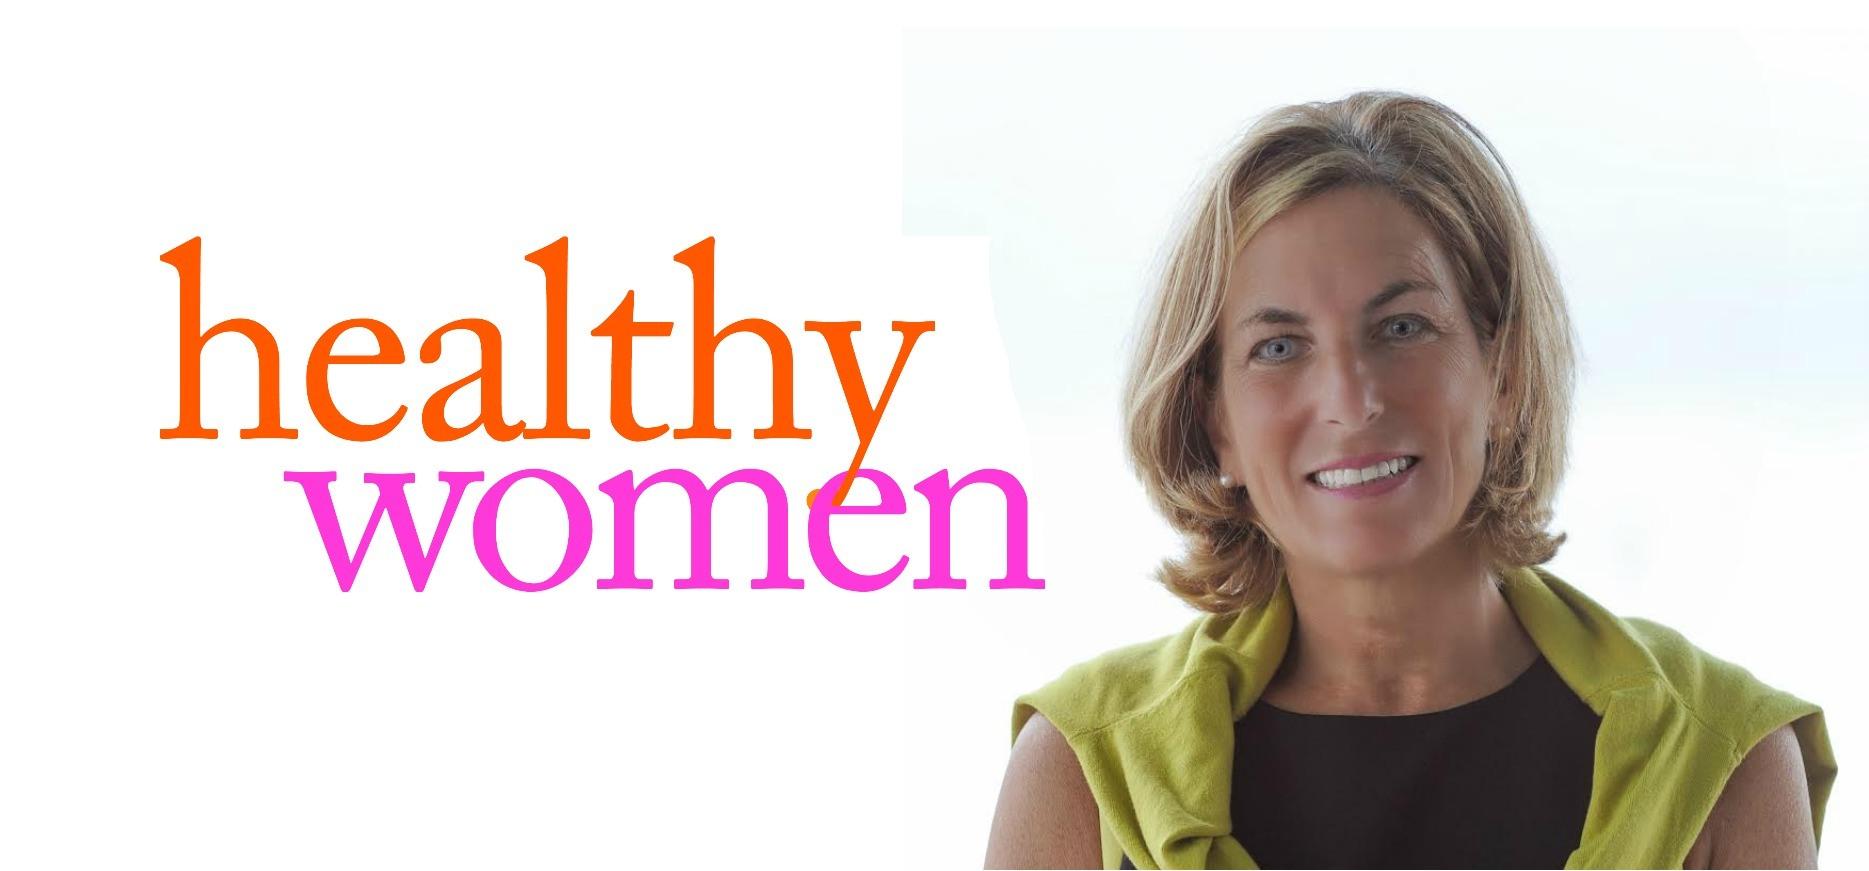 Beth Battaglino on HealthyWomen